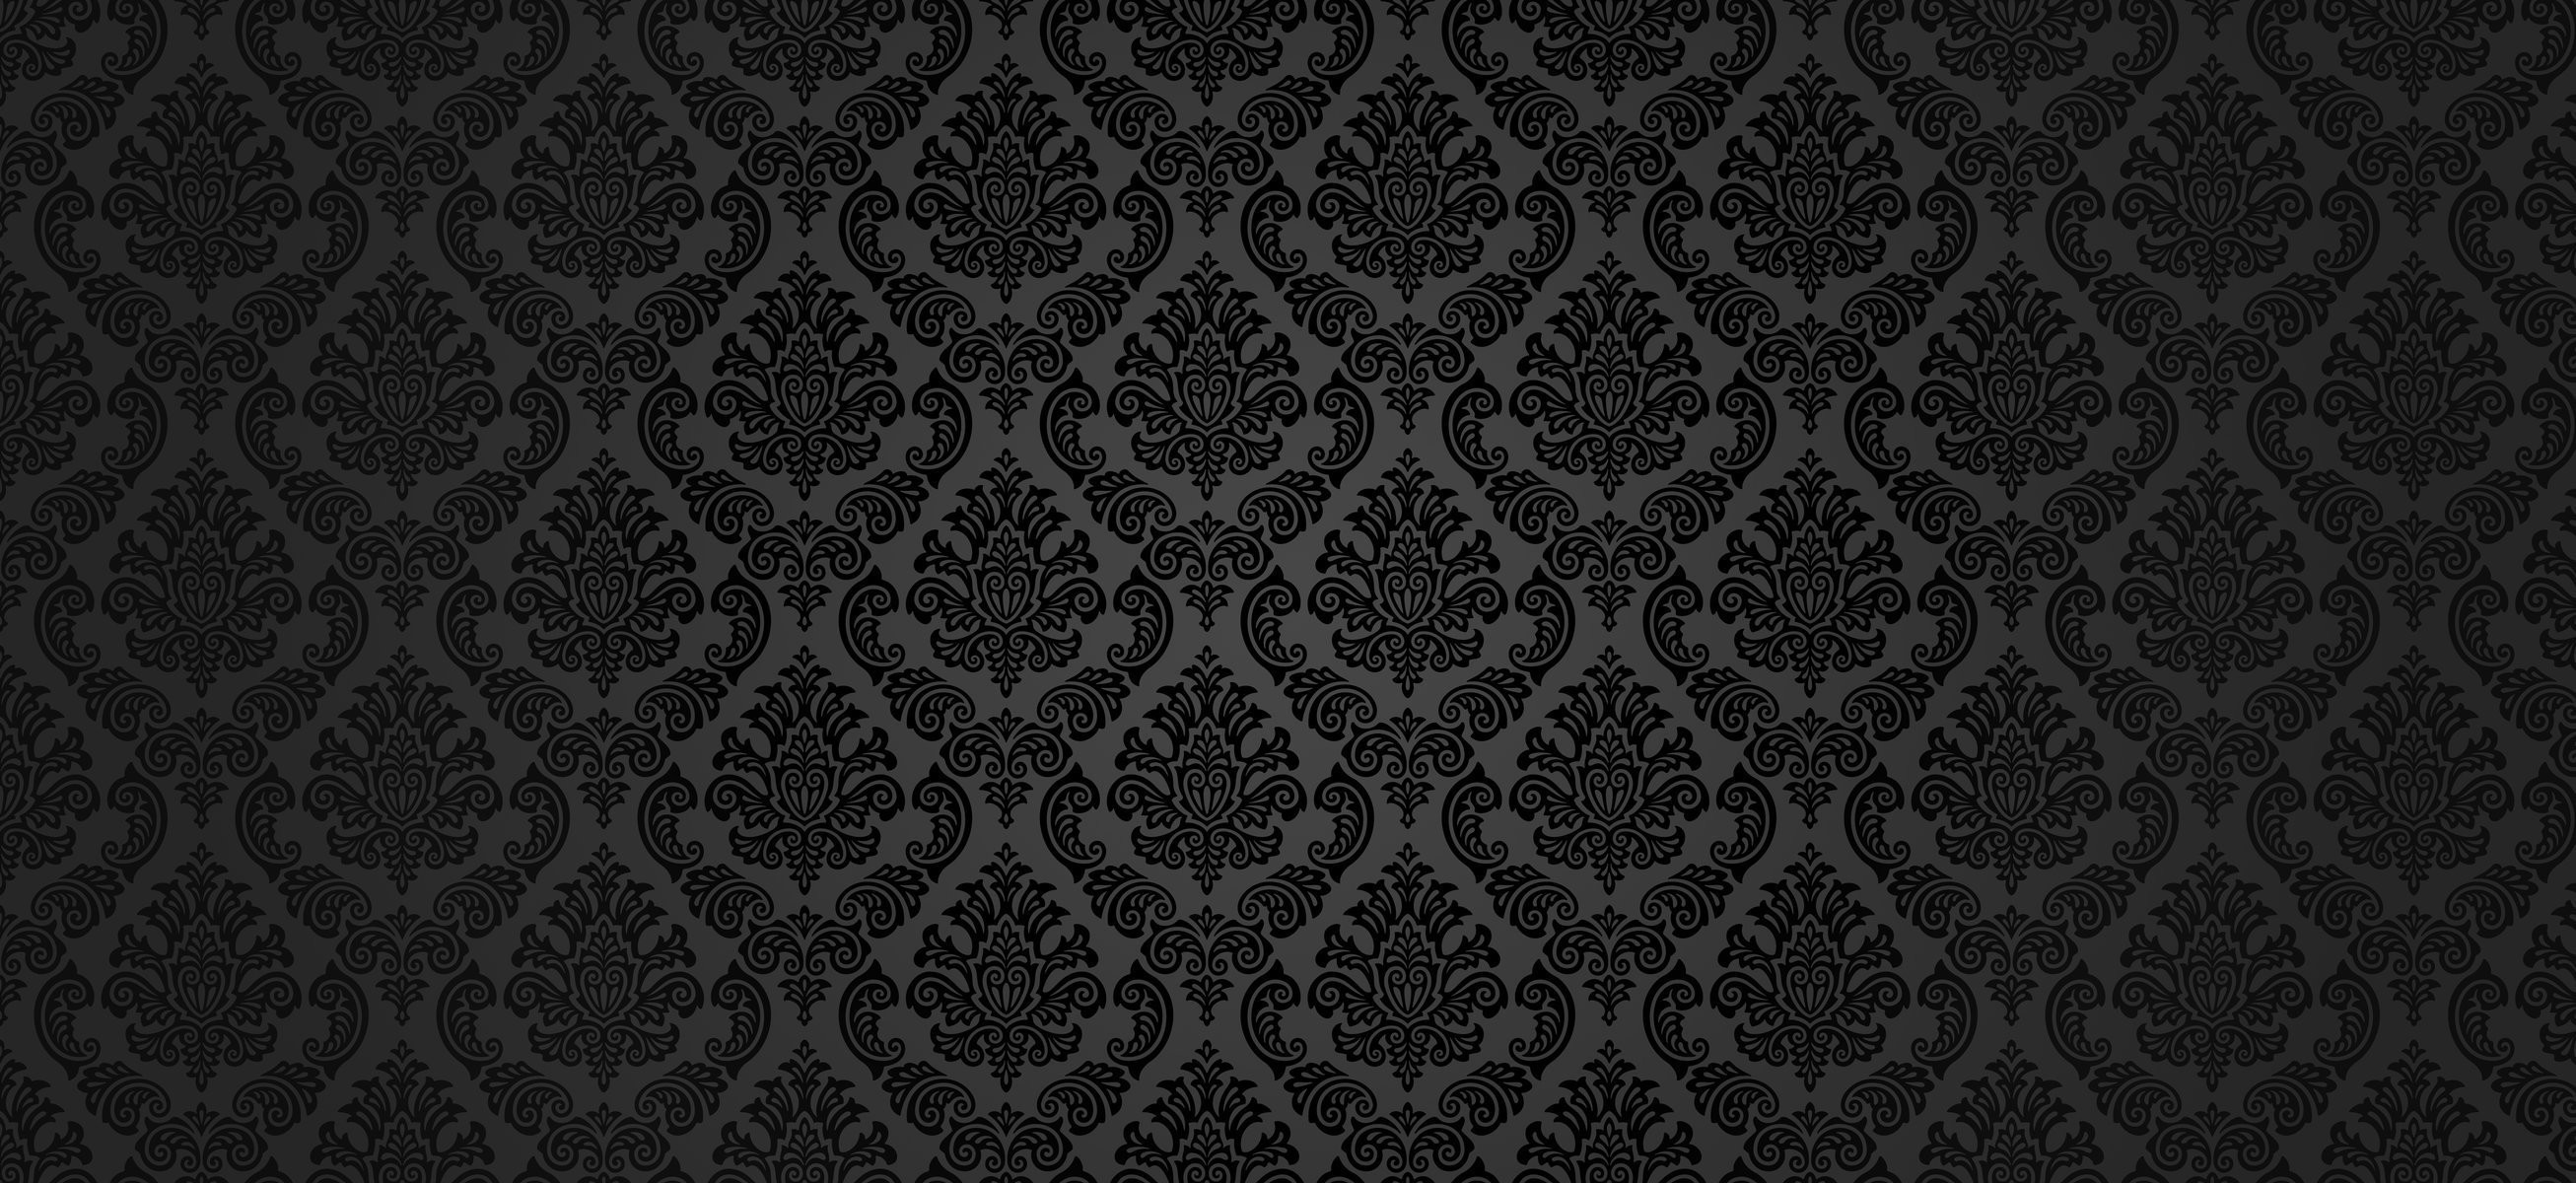 Desktop Black Wallpaper 61 Images